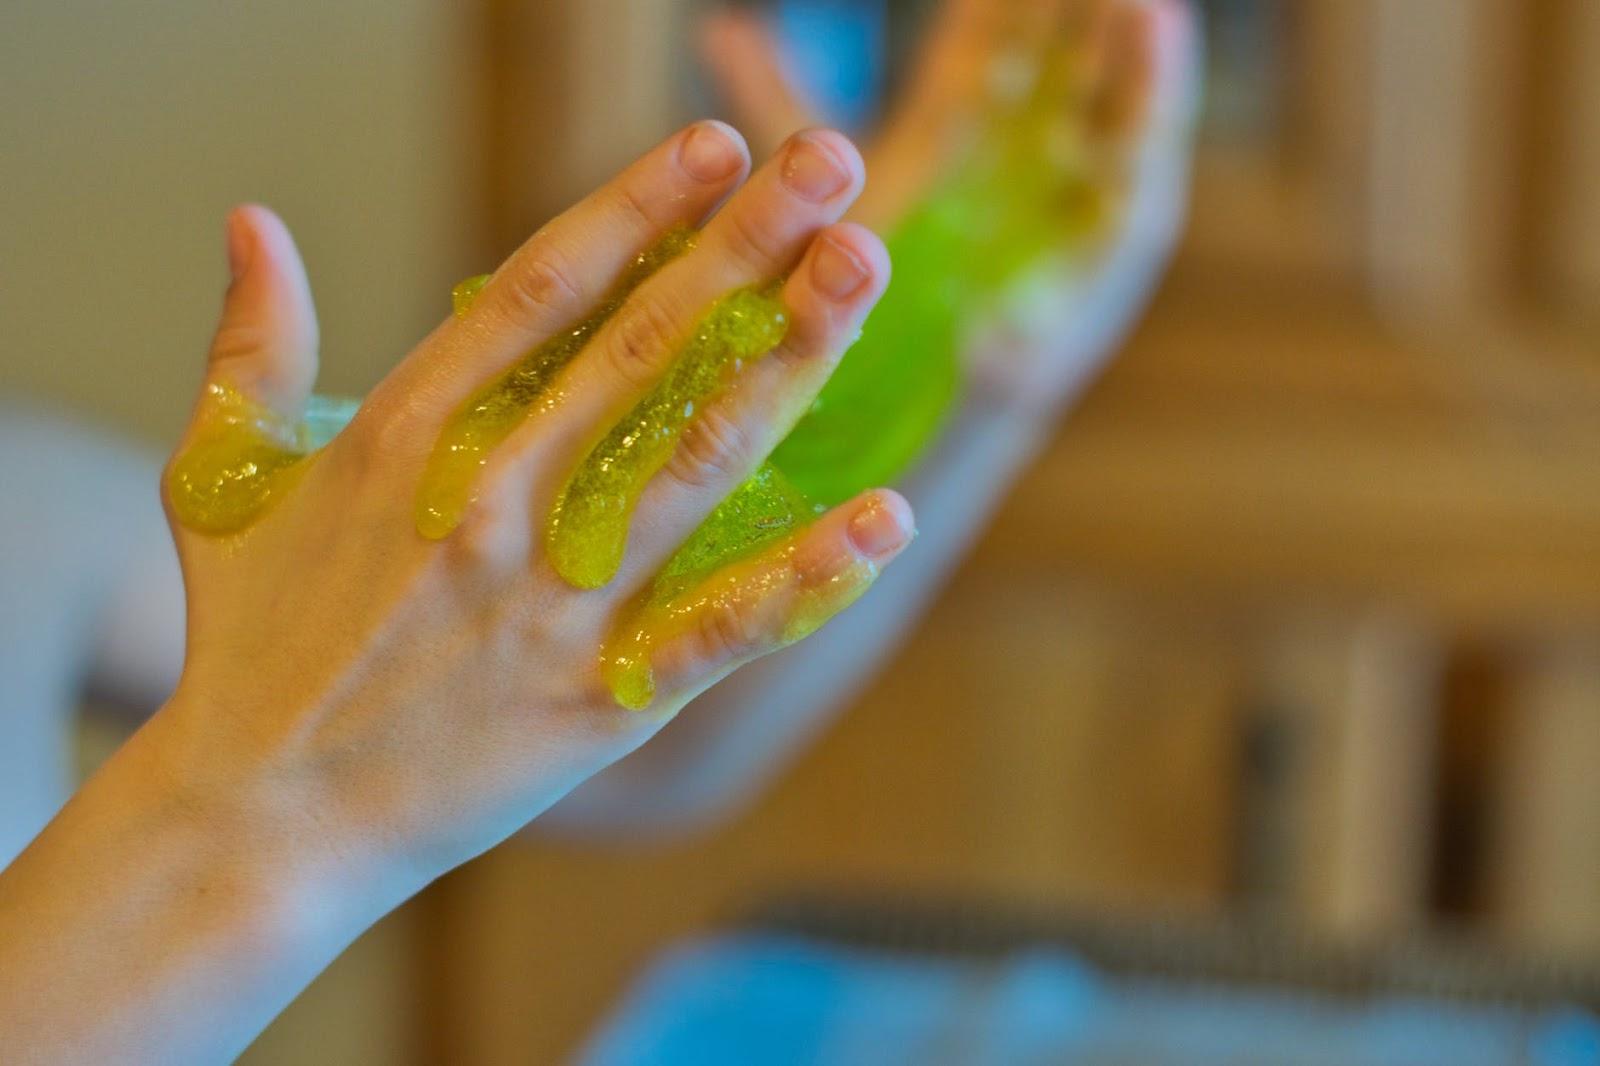 Begini Cara Membuat Slime dengan Mudah 1